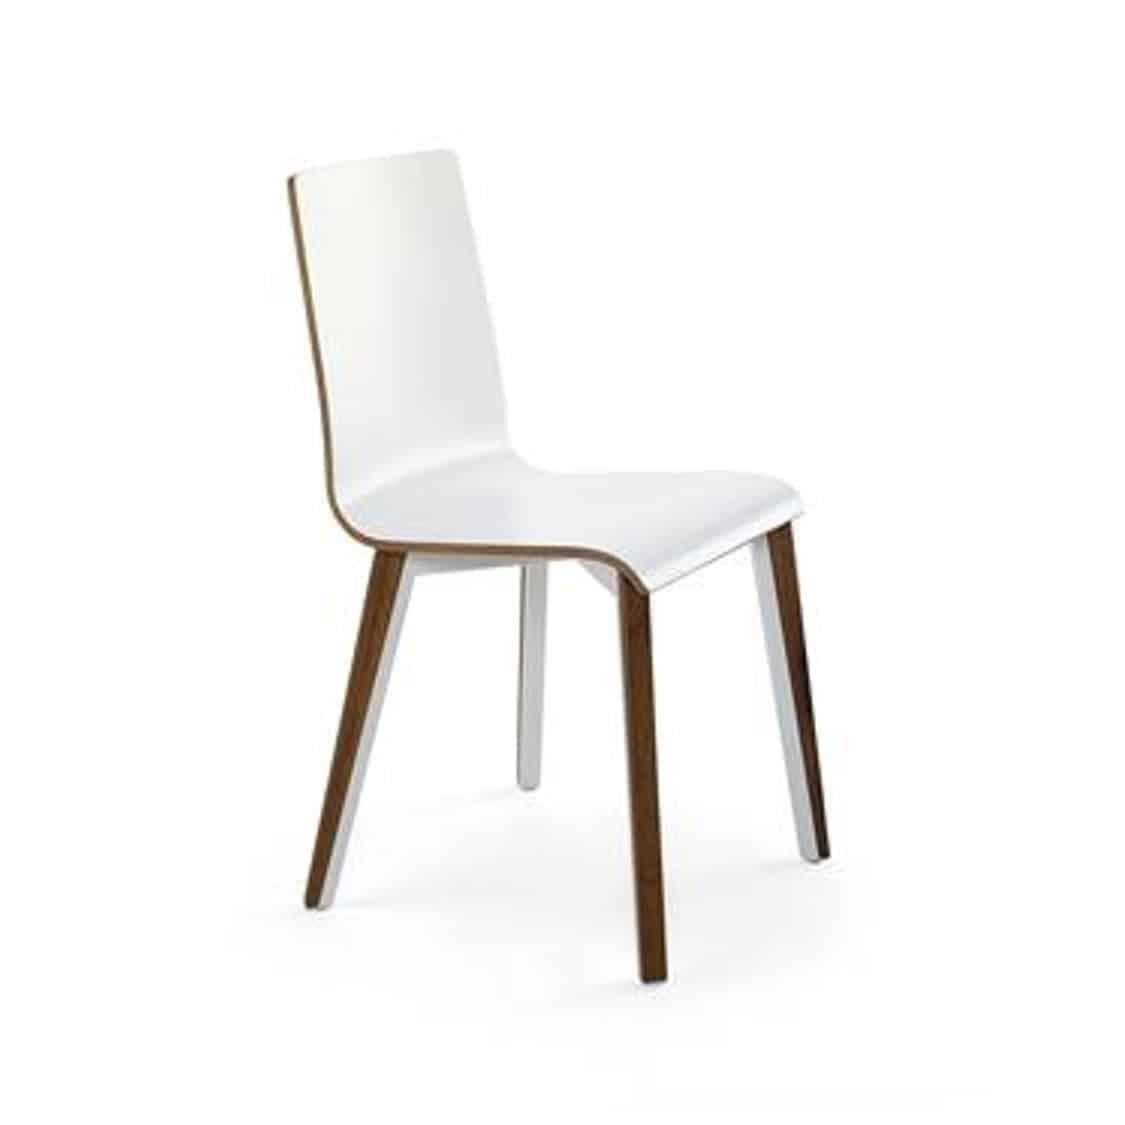 Etta Side Chair Tony Cignini DeFrae Contract Furniture White